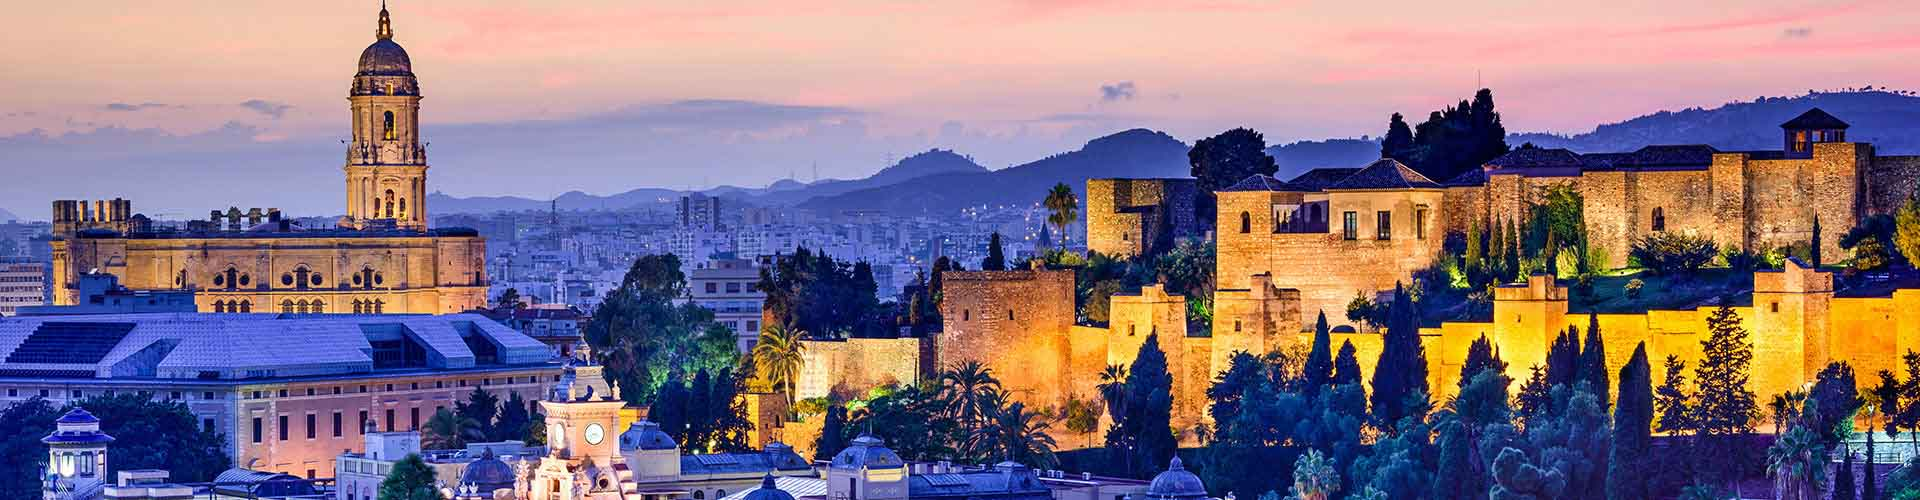 Malaga - Chambres pas chères dans le quartier de Perchel Norte. Cartes pour Malaga, photos et commentaires pour chaque chambre à Malaga.